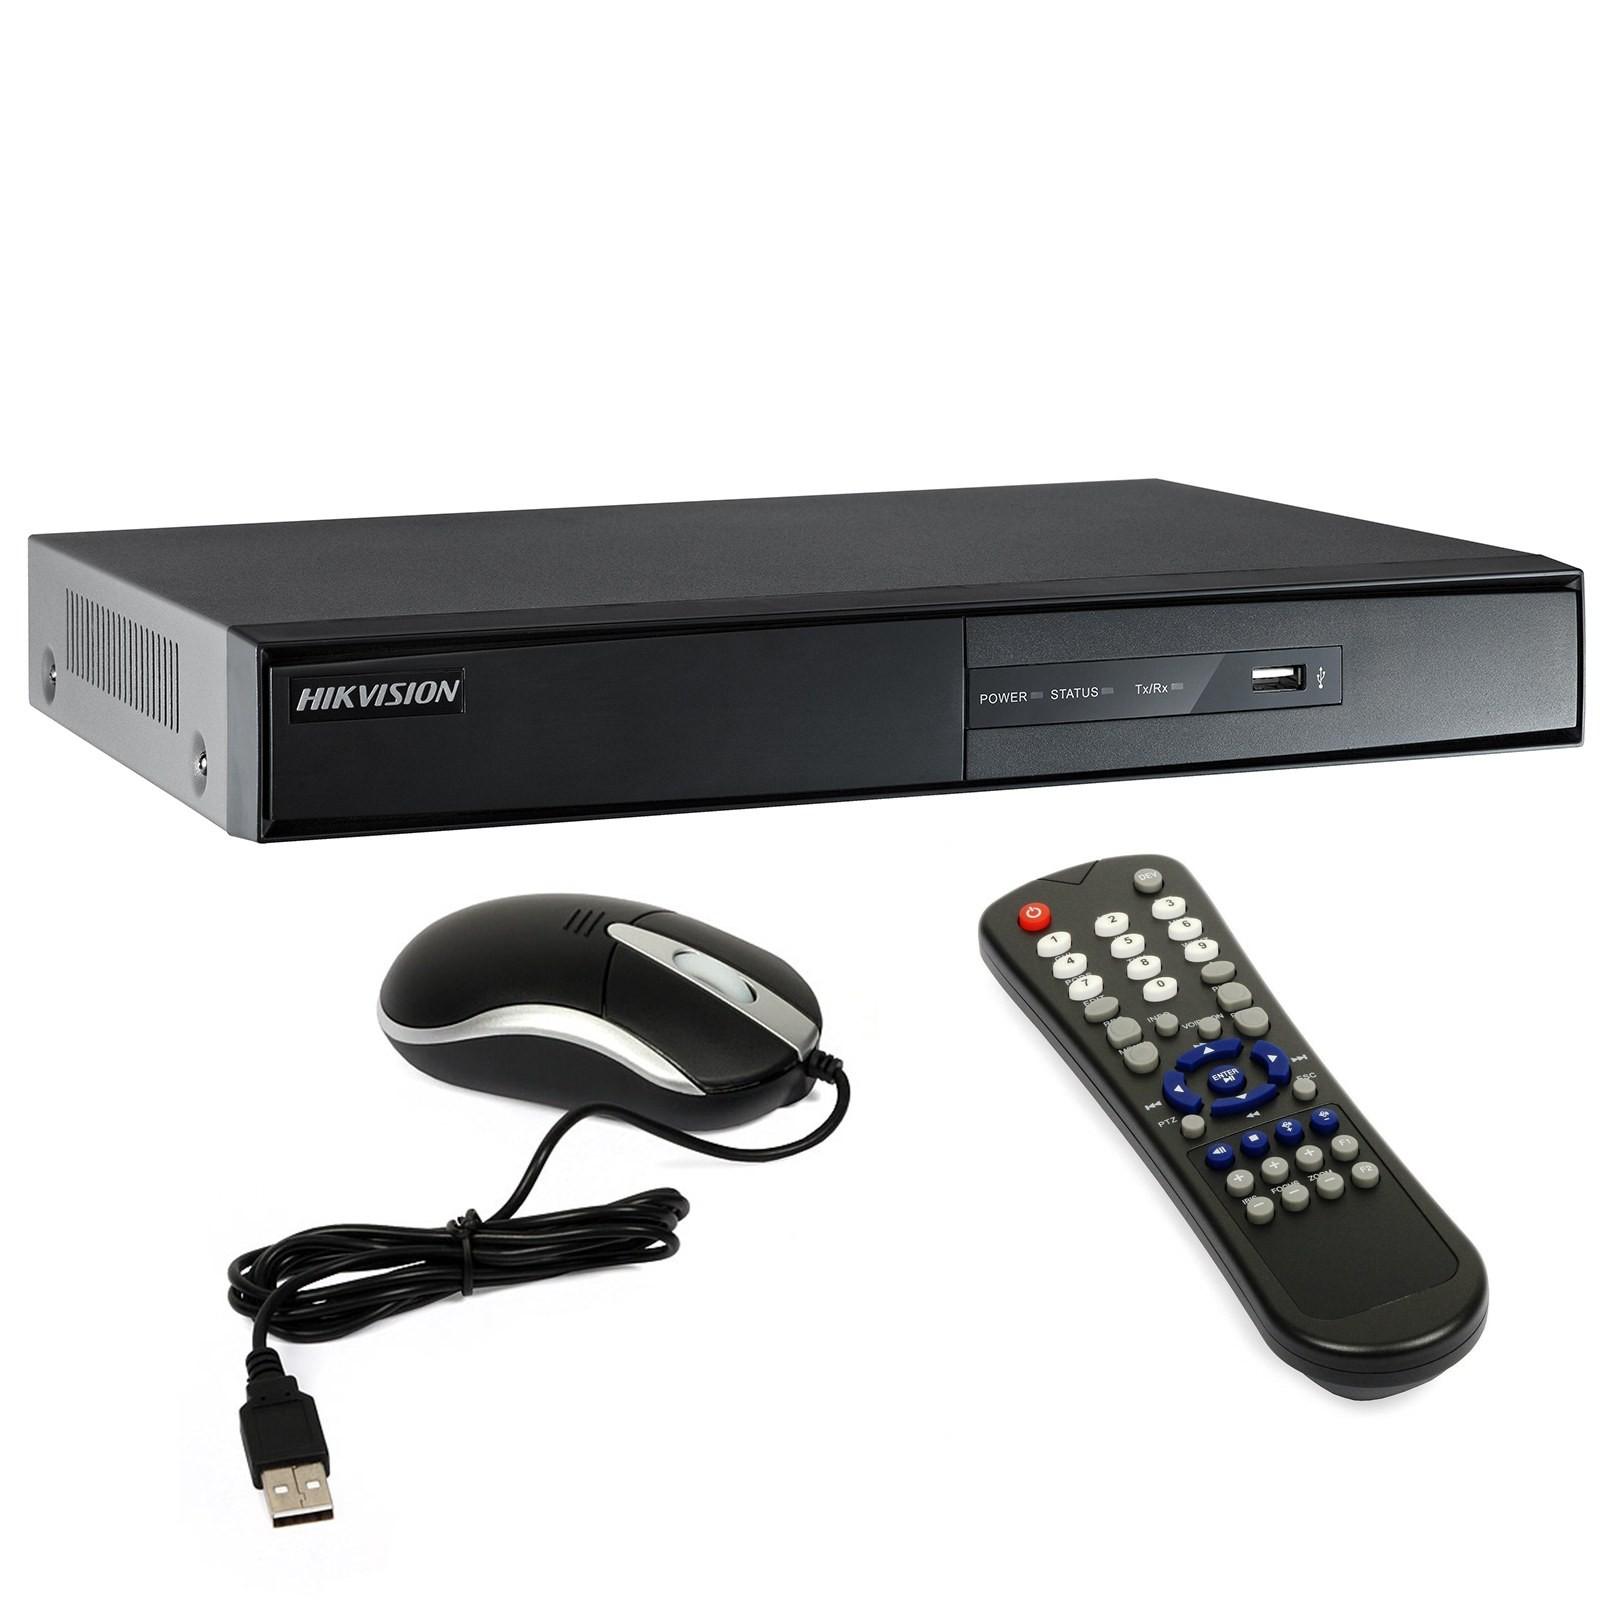 Dvr Registratore Videosorveglianza 4 Canali HIKVISION H264 HDMI USB VGA Iphone